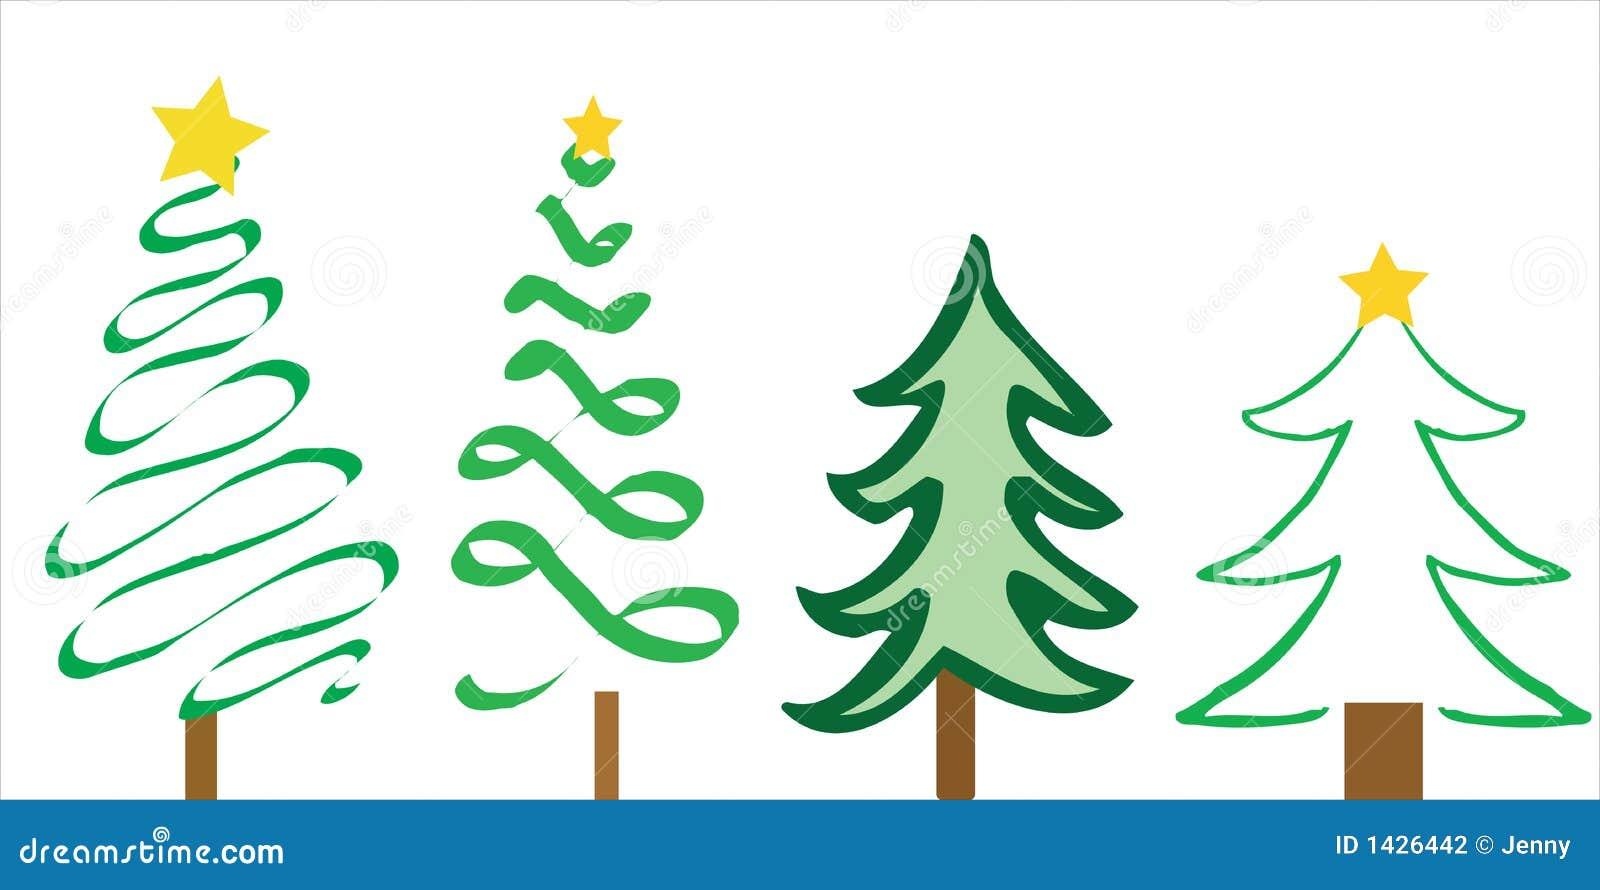 Dise os del rbol de navidad ilustraci n del vector ilustraci n de holiday tarjeta 1426442 Disenos de arboles de navidad